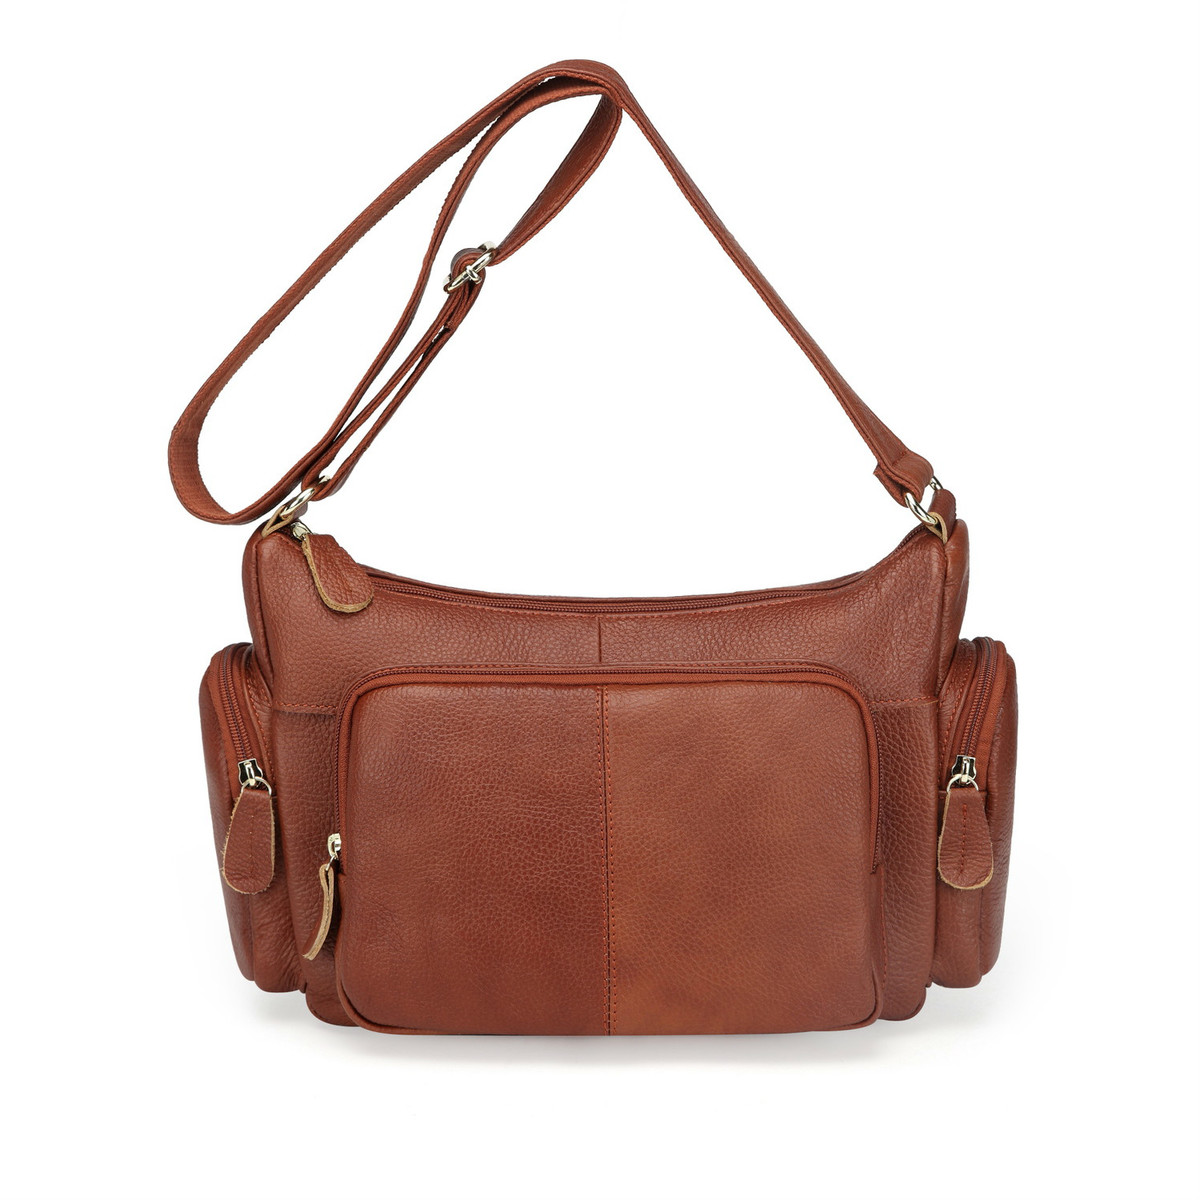 100% 쇠가죽 채찍으로 치다 Bolsa Feminina 정품 가죽 여성 메신저 가방 여성 작은 어깨 핸드백 crossbody 가방 숙녀 MM2313-에서탑 핸드백부터 수화물 & 가방 의